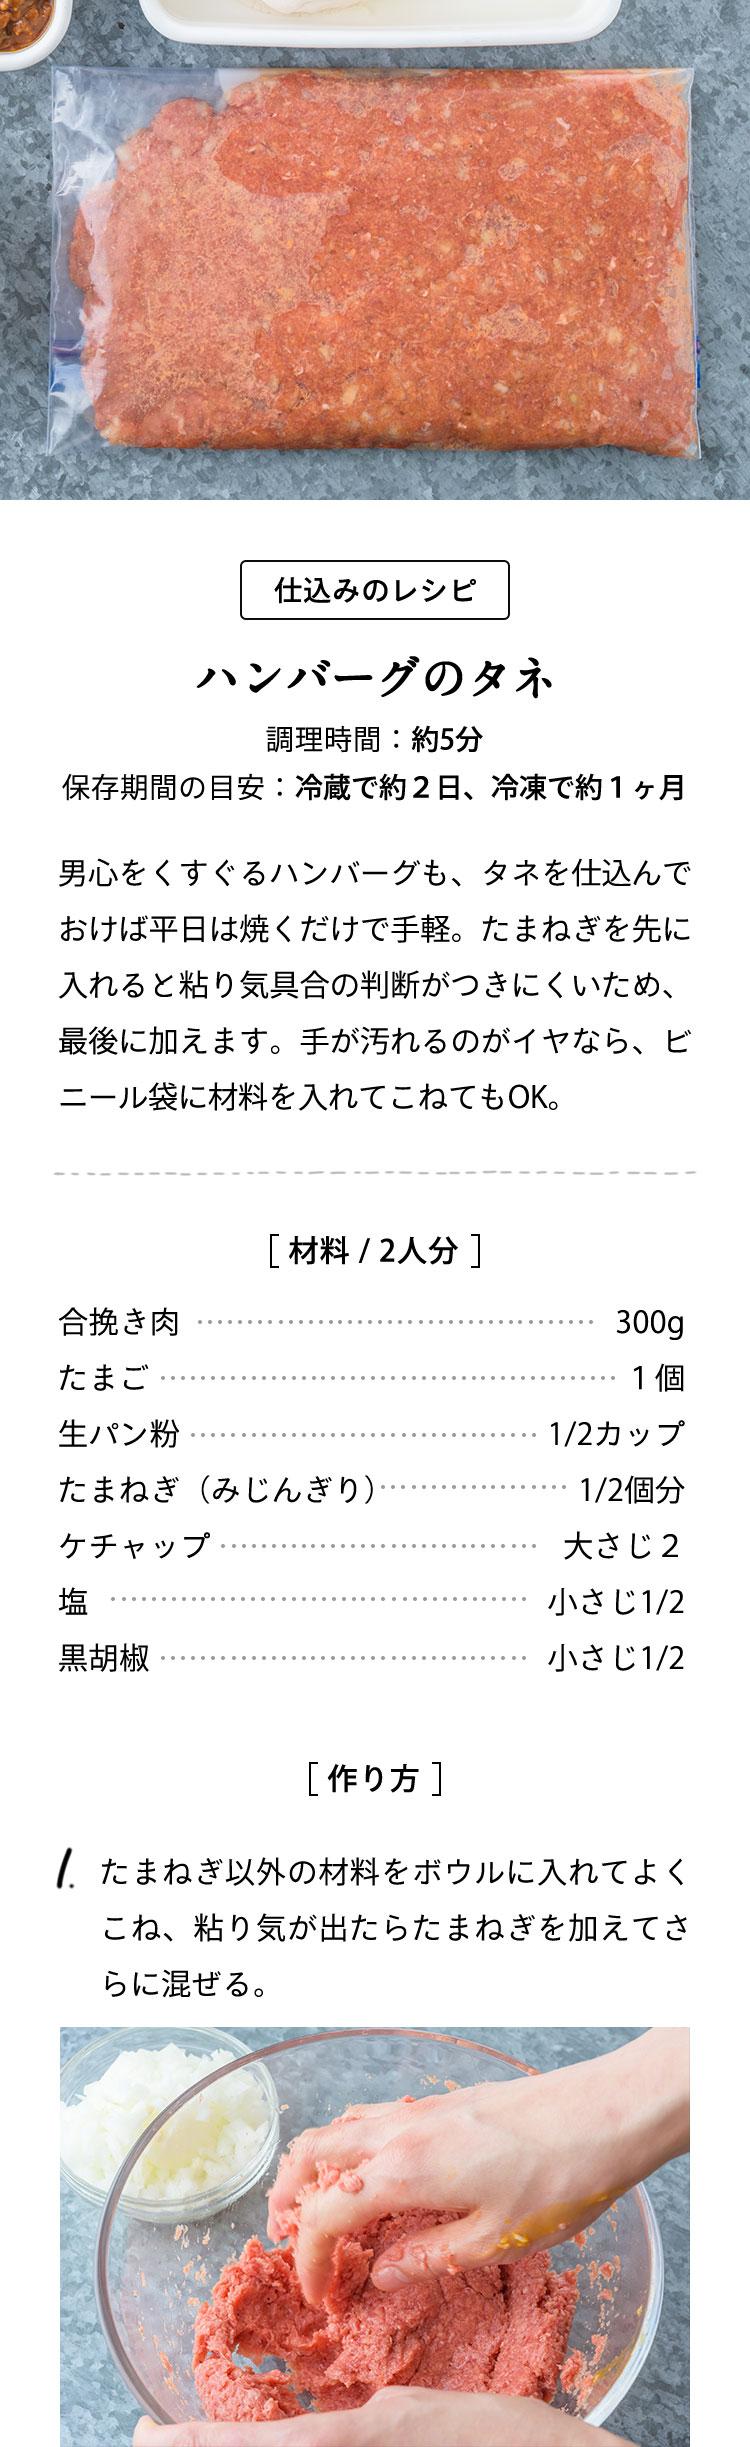 仕込みのレシピ:ハンバーグのタネ 材料費3000円でふたり分10品